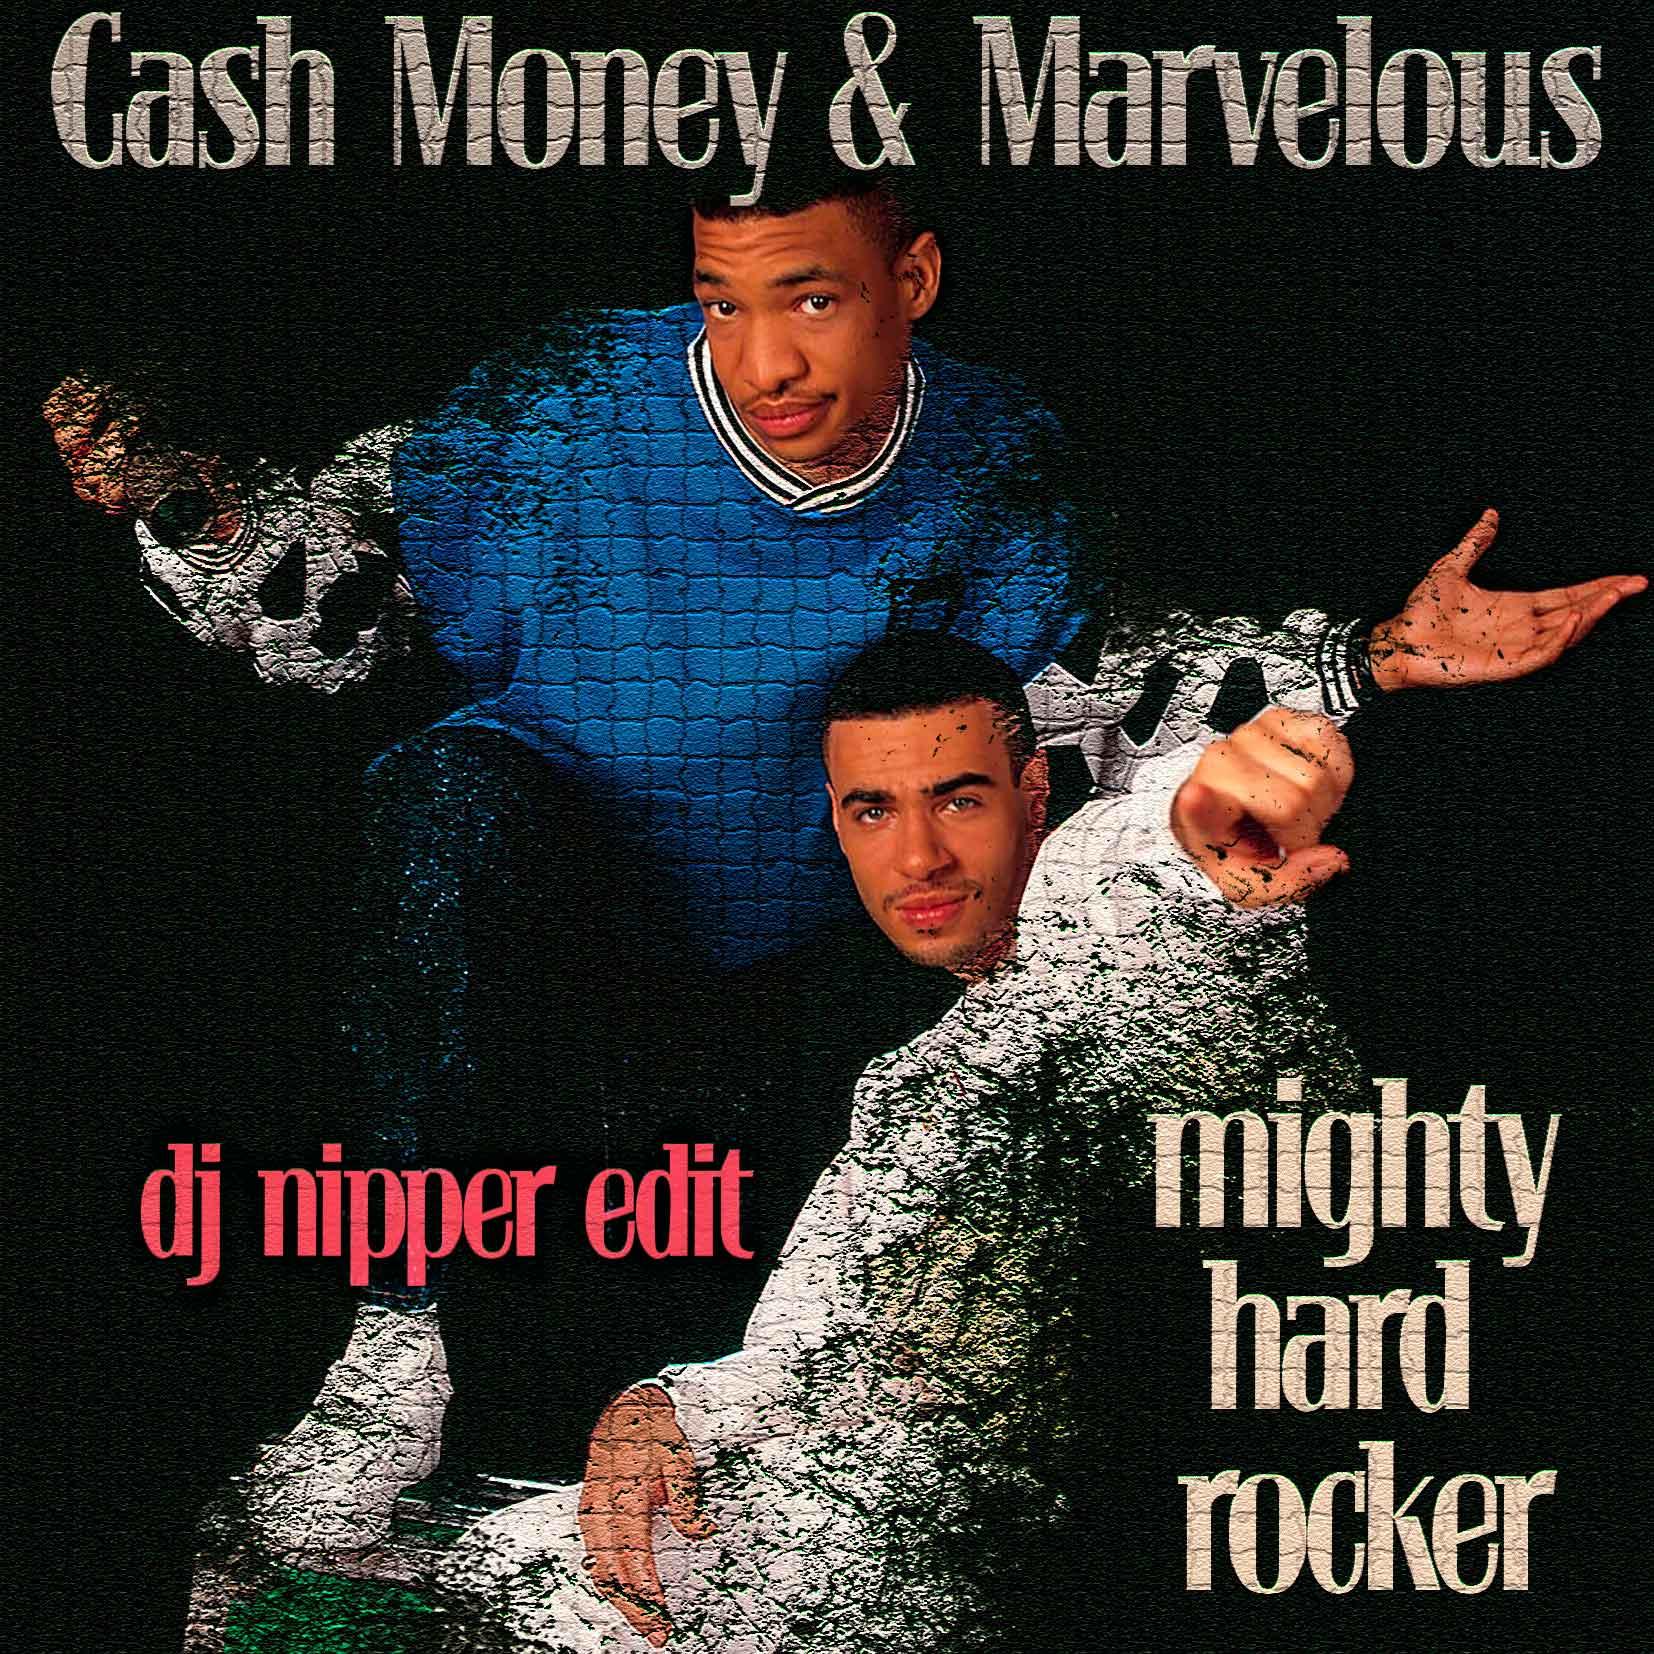 Cash-Money-&-Marvelous---Mghty-Hard-Rocker-(DJ-Nipper-Edit)